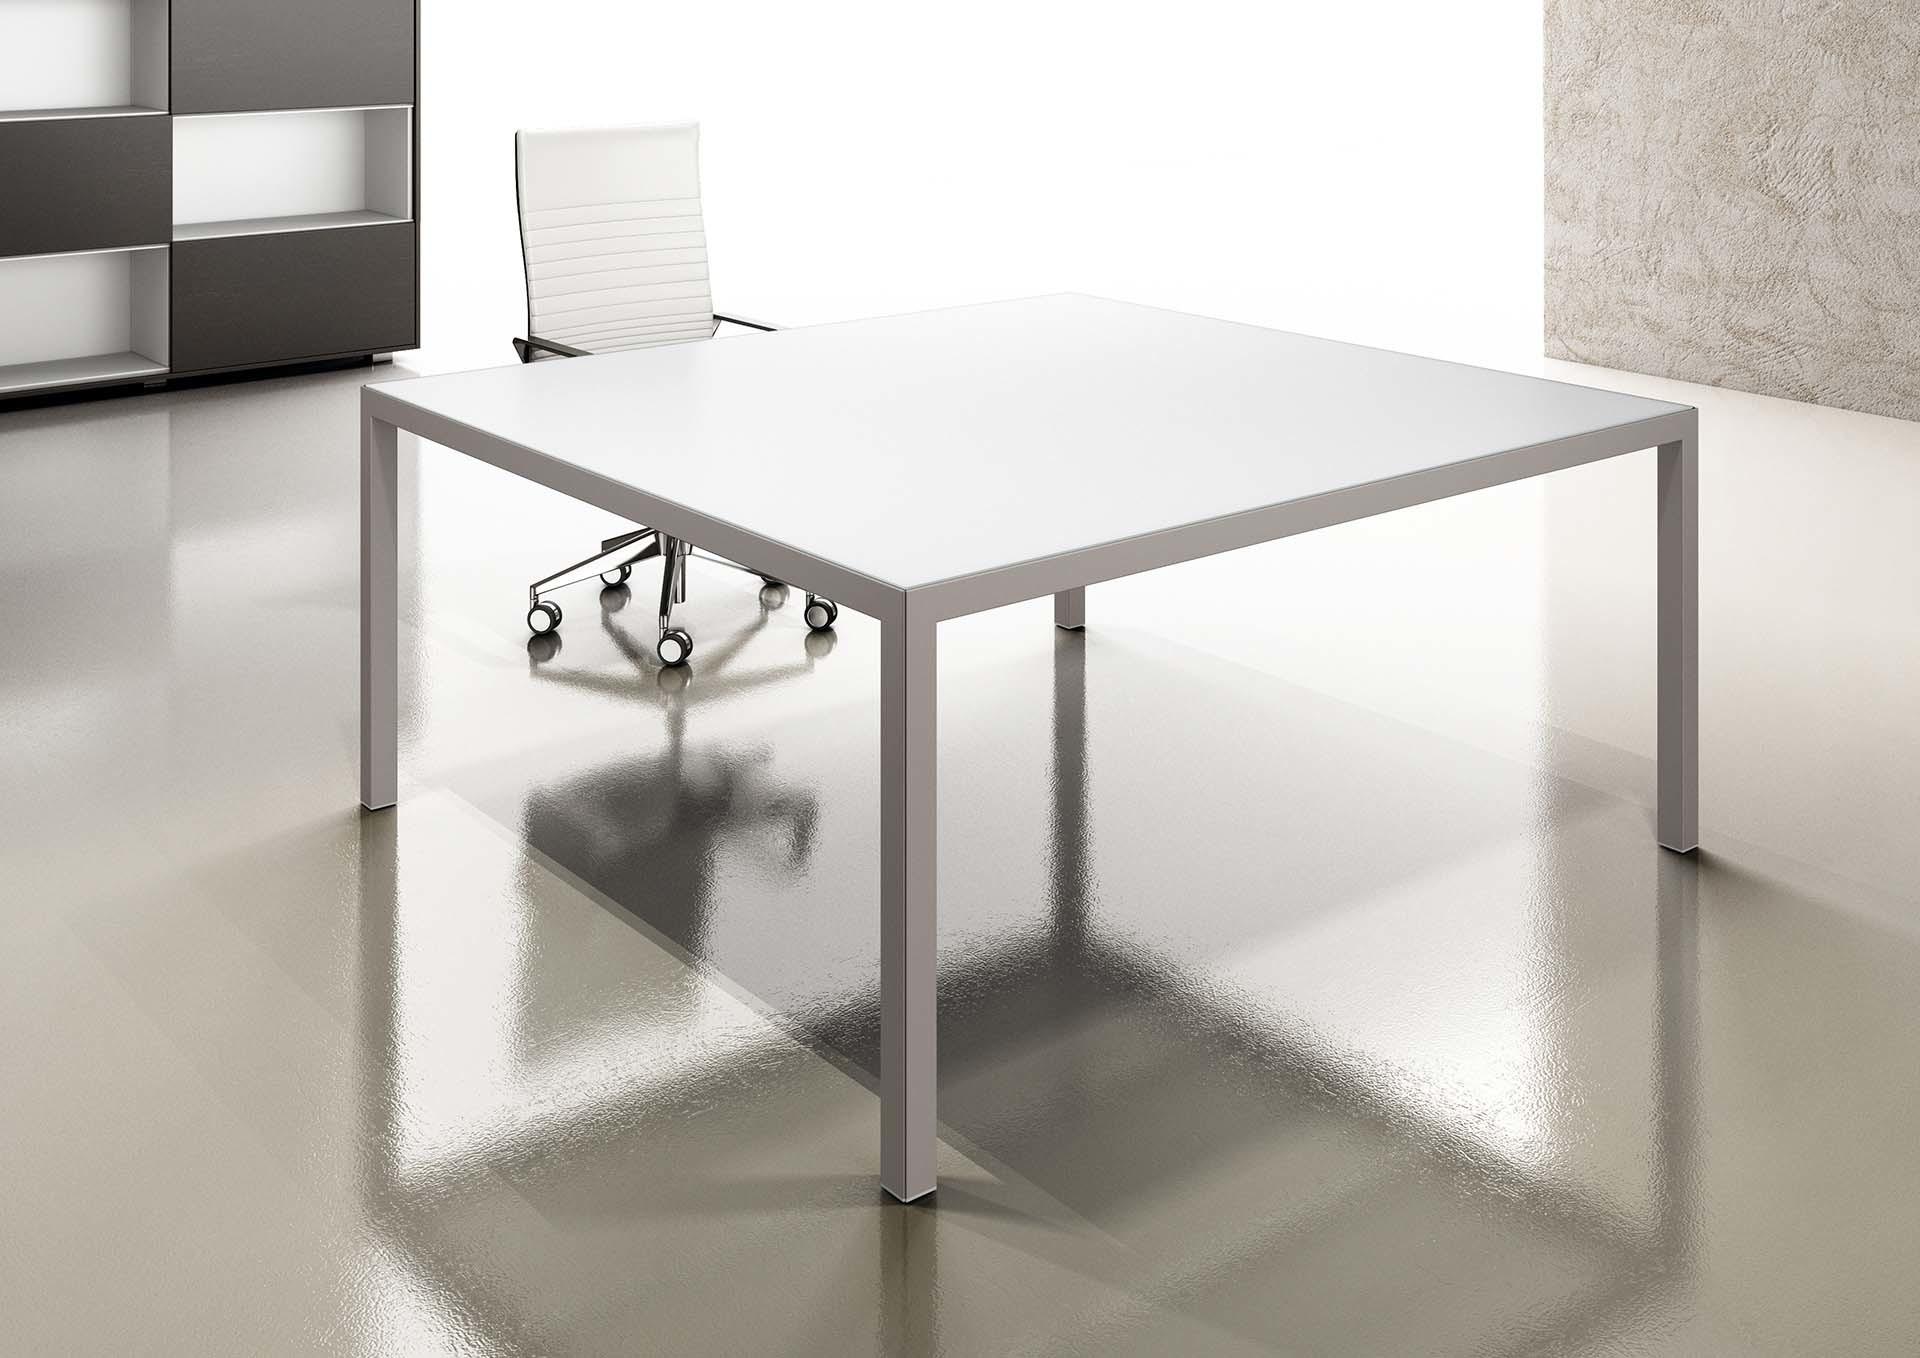 Tavolo per piccola riunione bianco